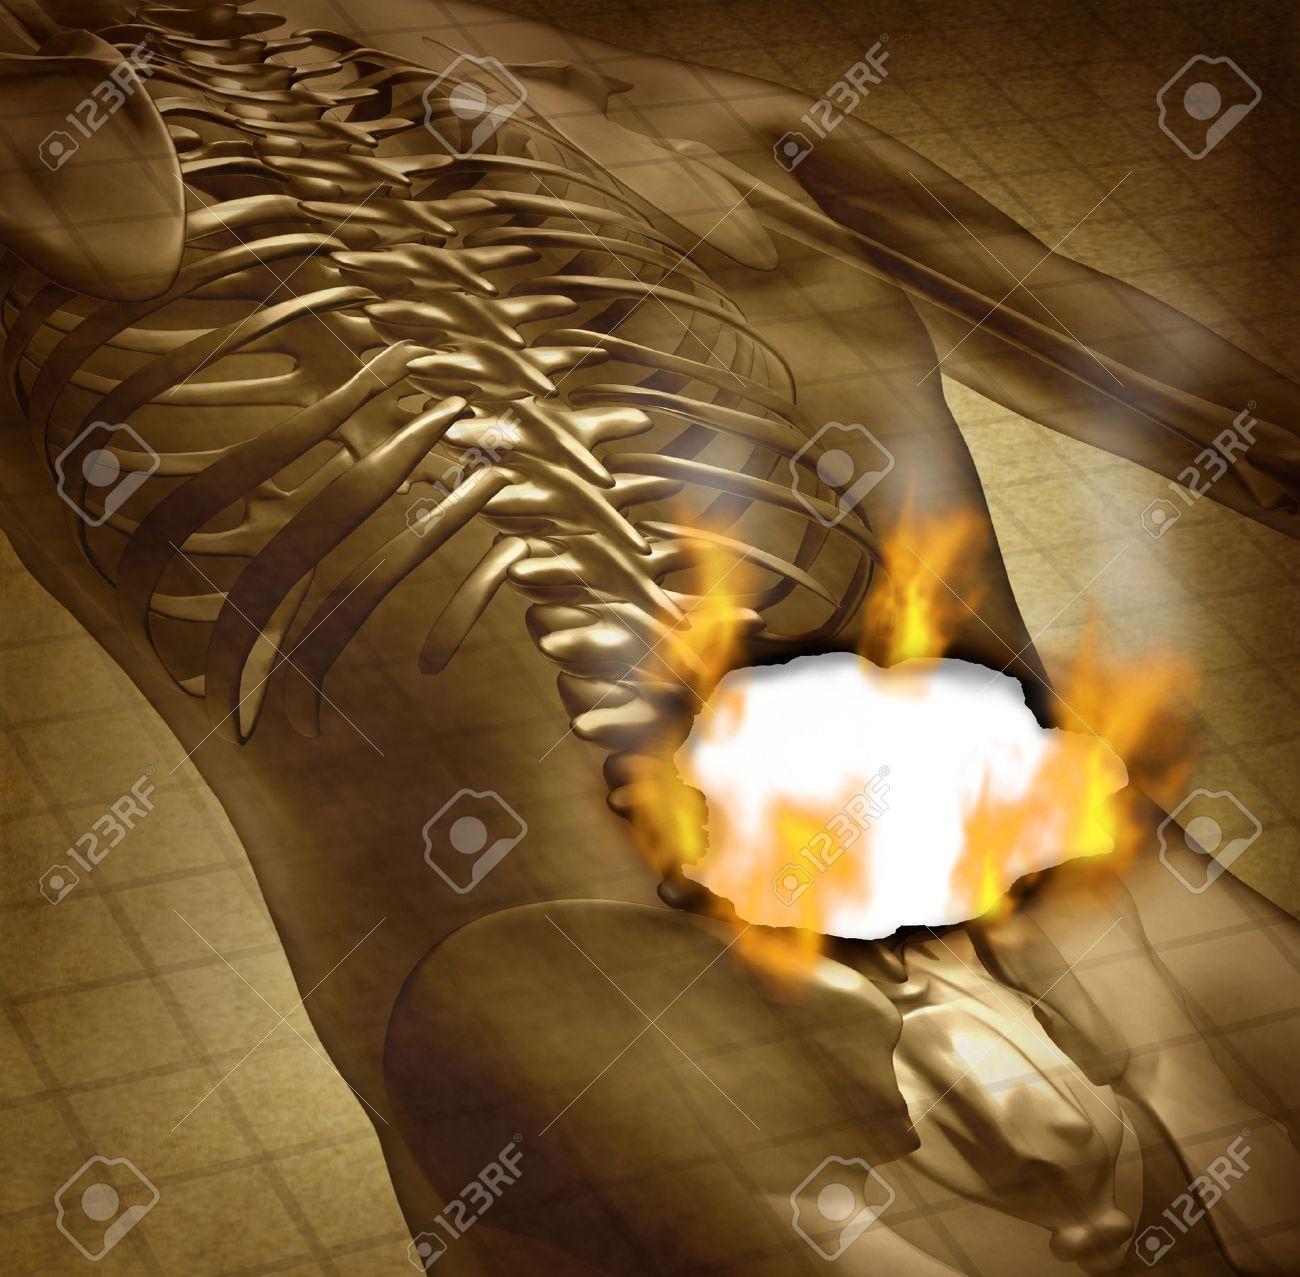 Menschliche Brennenden Rückenschmerzen Und Rückenschmerzen ...